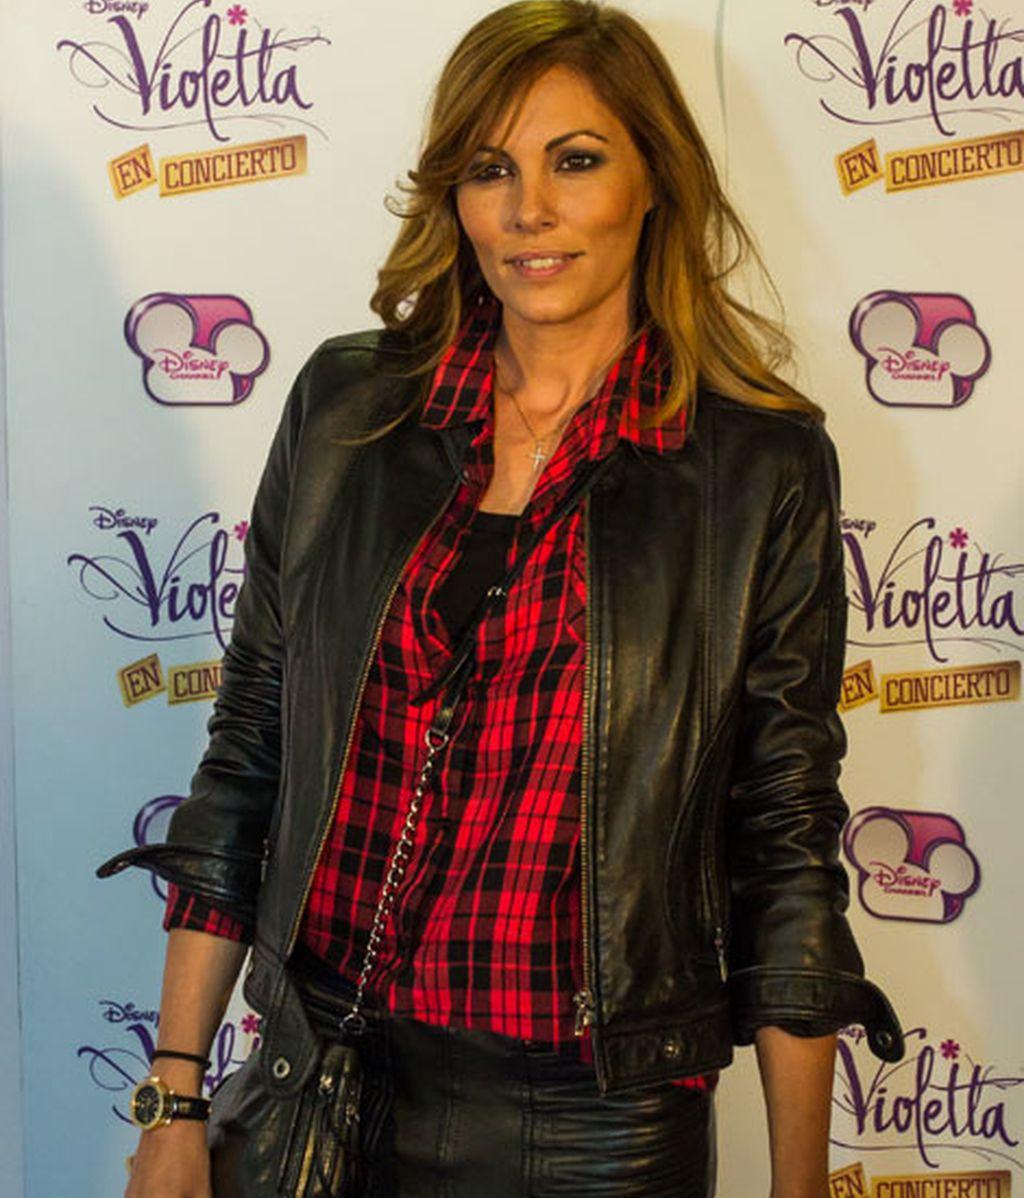 La modelo Raquel Rodríguez también combinó el rojo y el negro